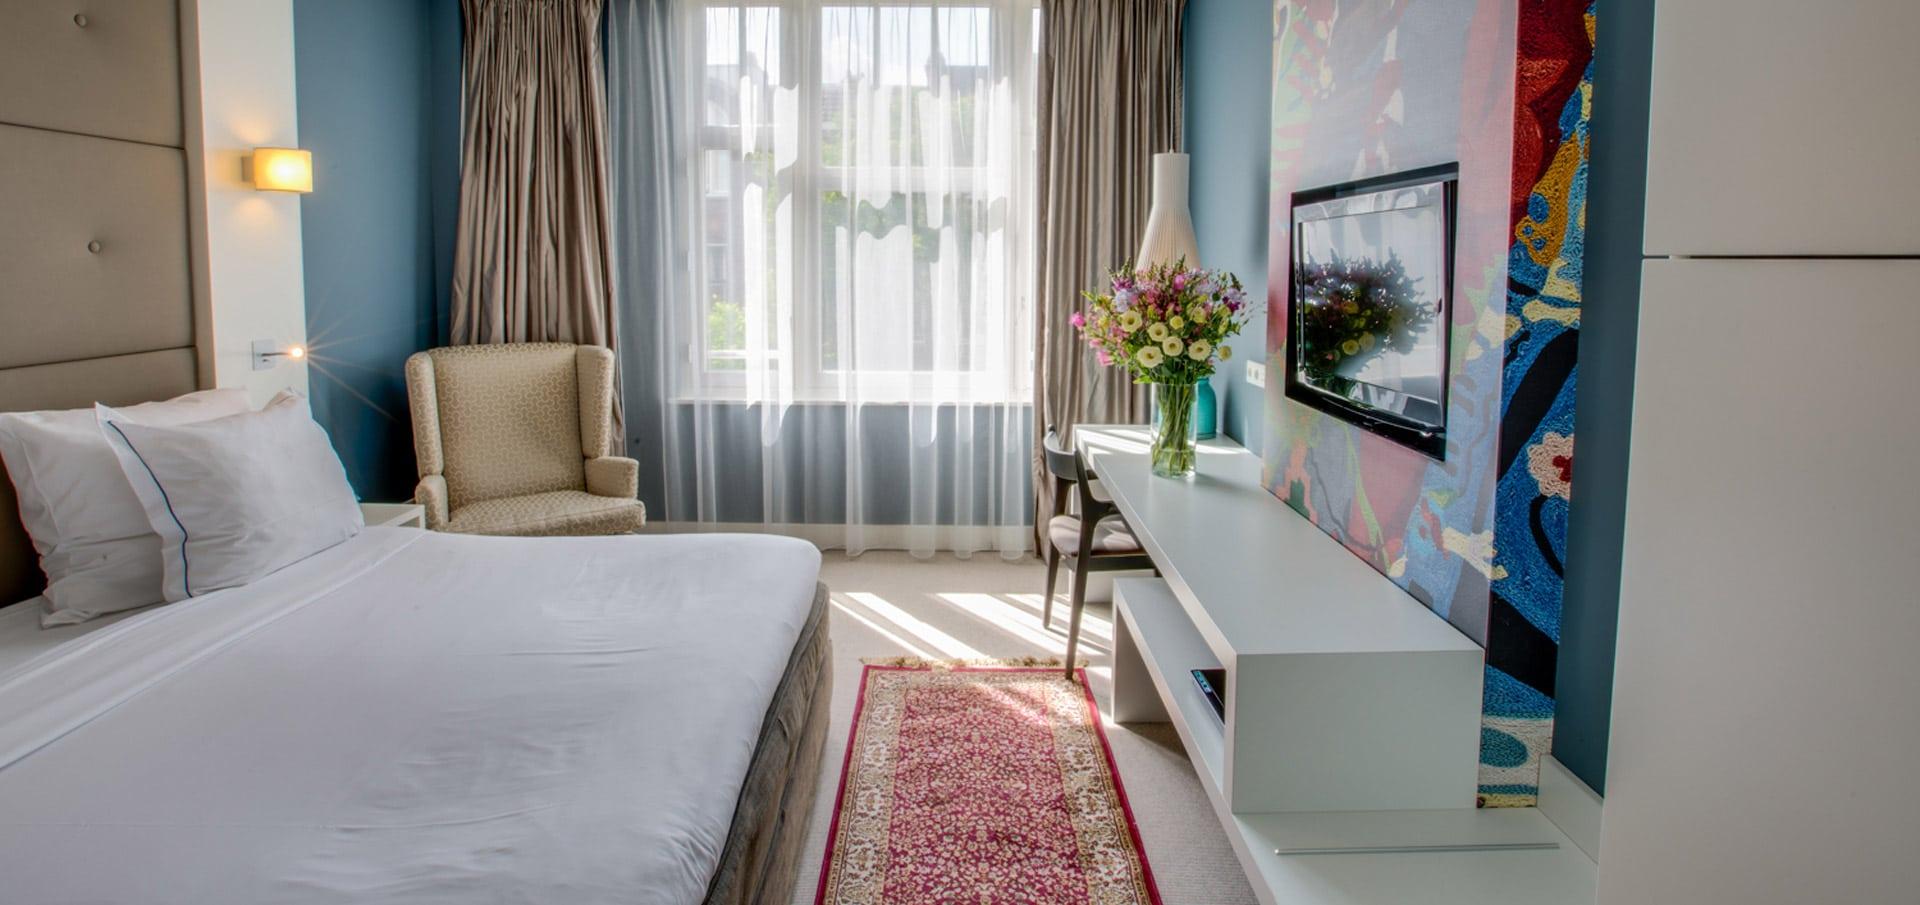 Arrangement Hotel Vondel gratis overnachting